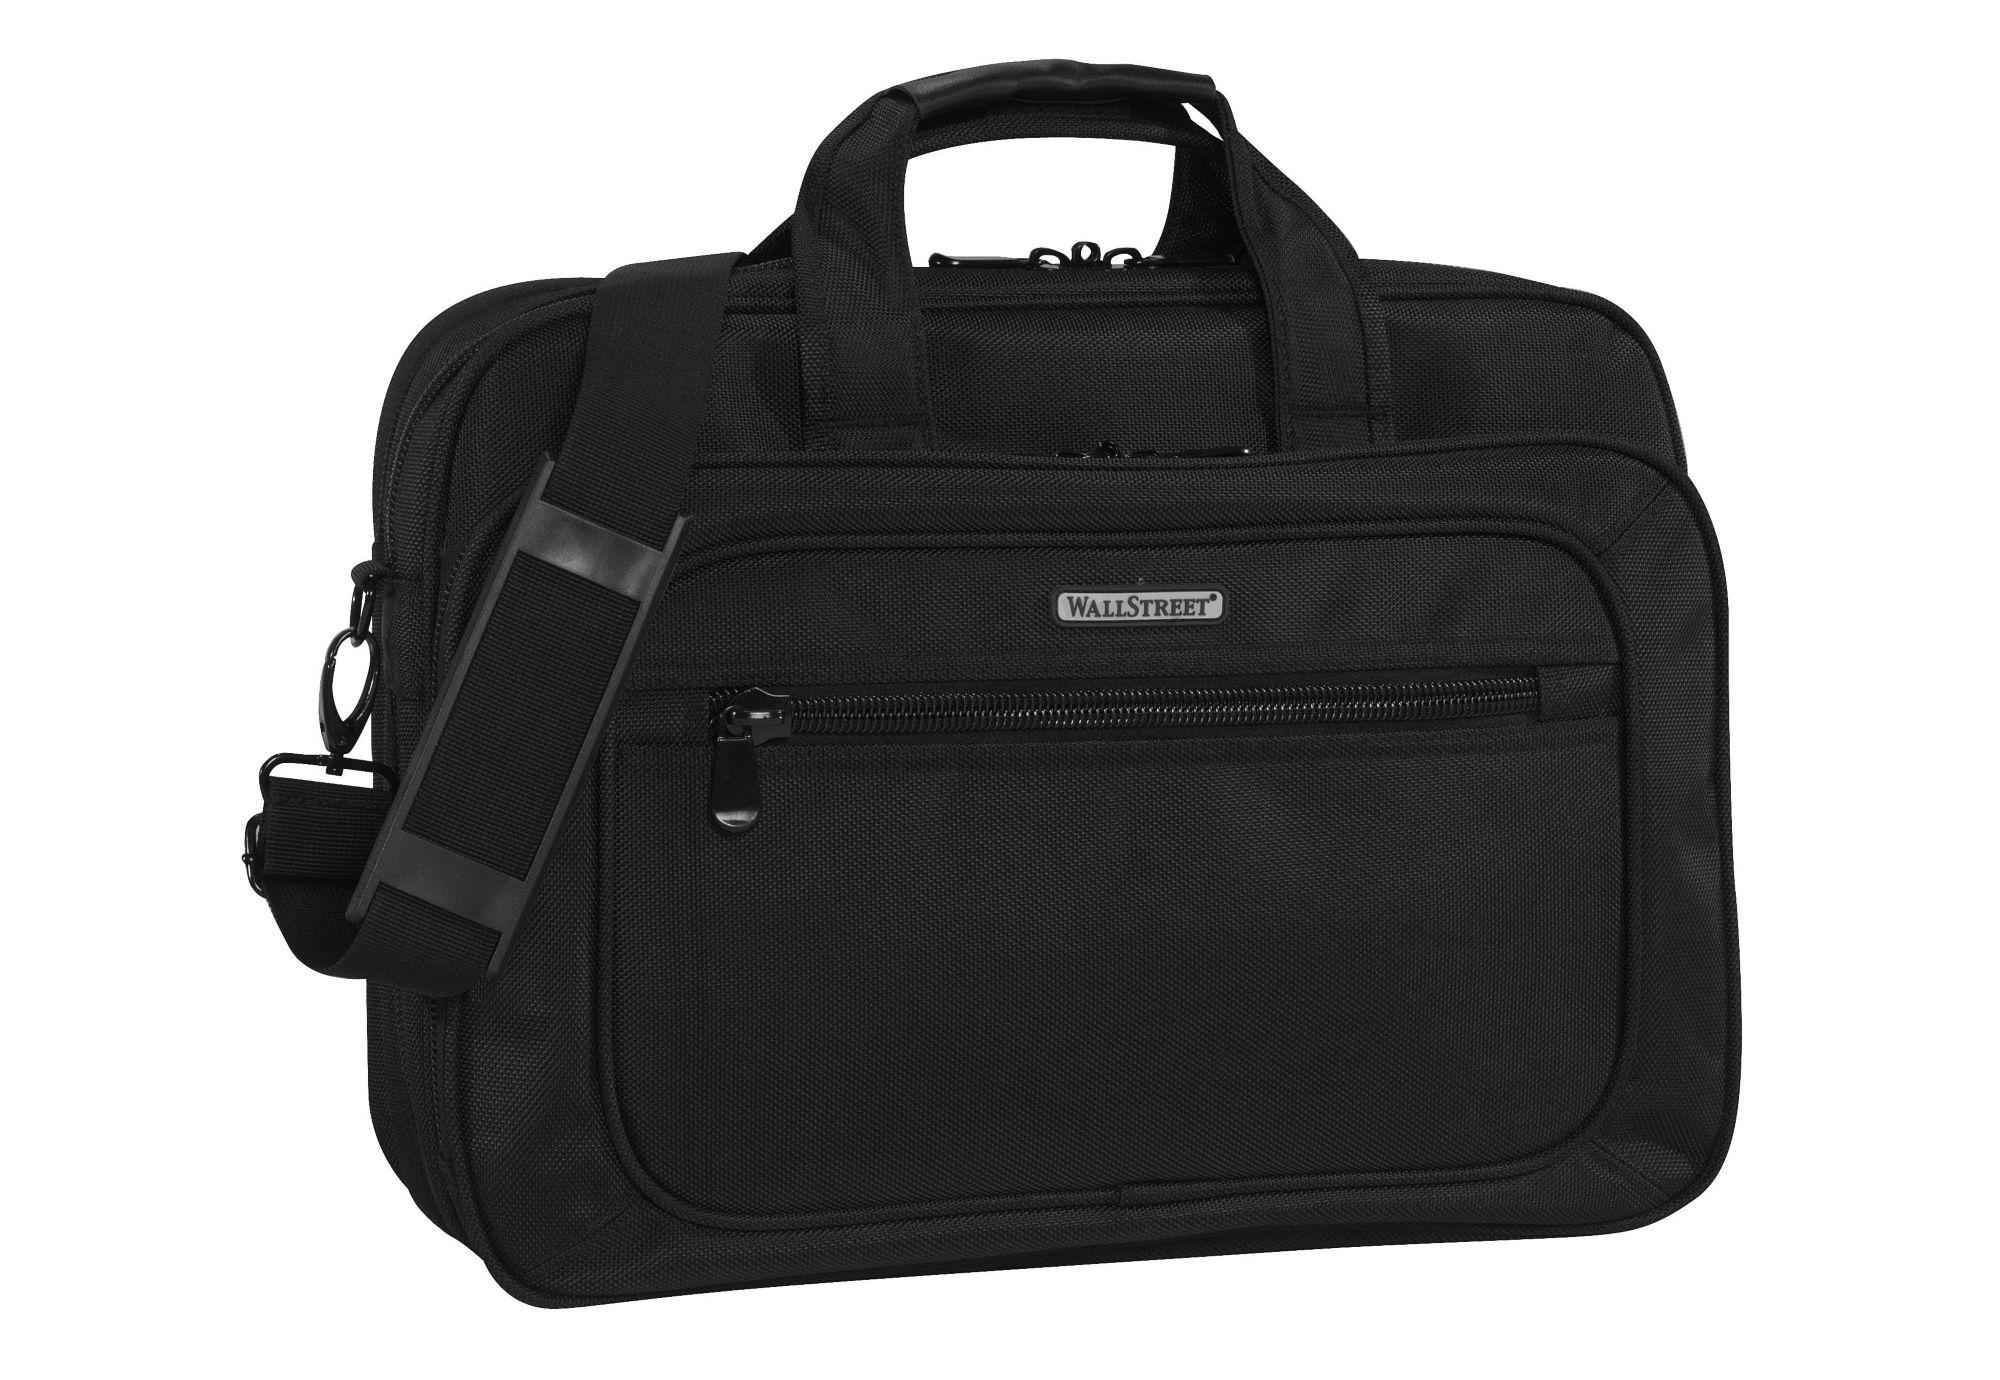 Businesstasche-Umhängetasche mit Laptopfach bis 15,6-Zoll, »Wallstreet Business Bag«